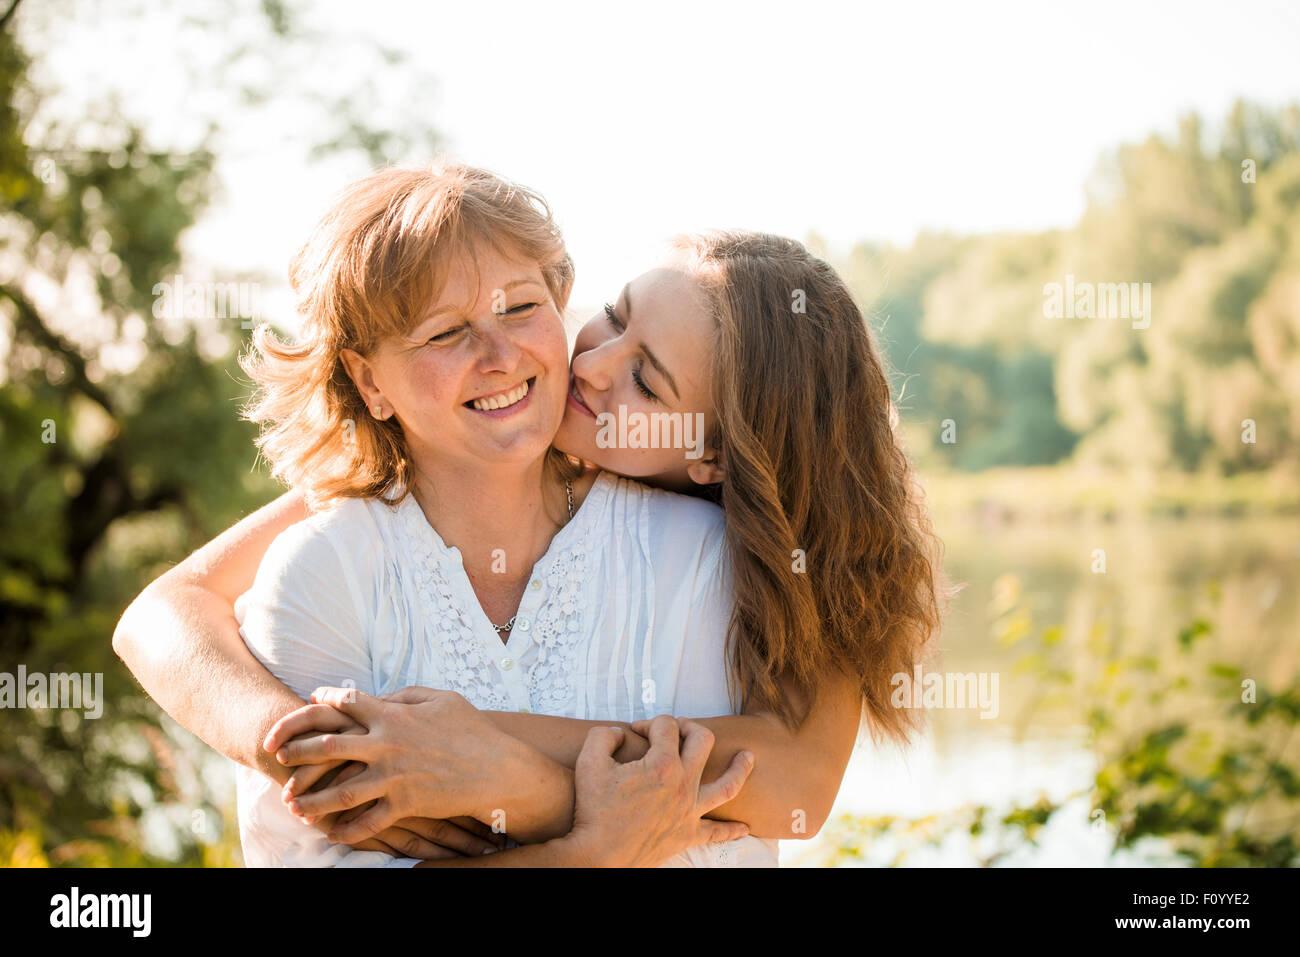 Reife Mutter umarmt mit Teen Tochter in der Natur im Freien an sonnigen Tag Stockbild